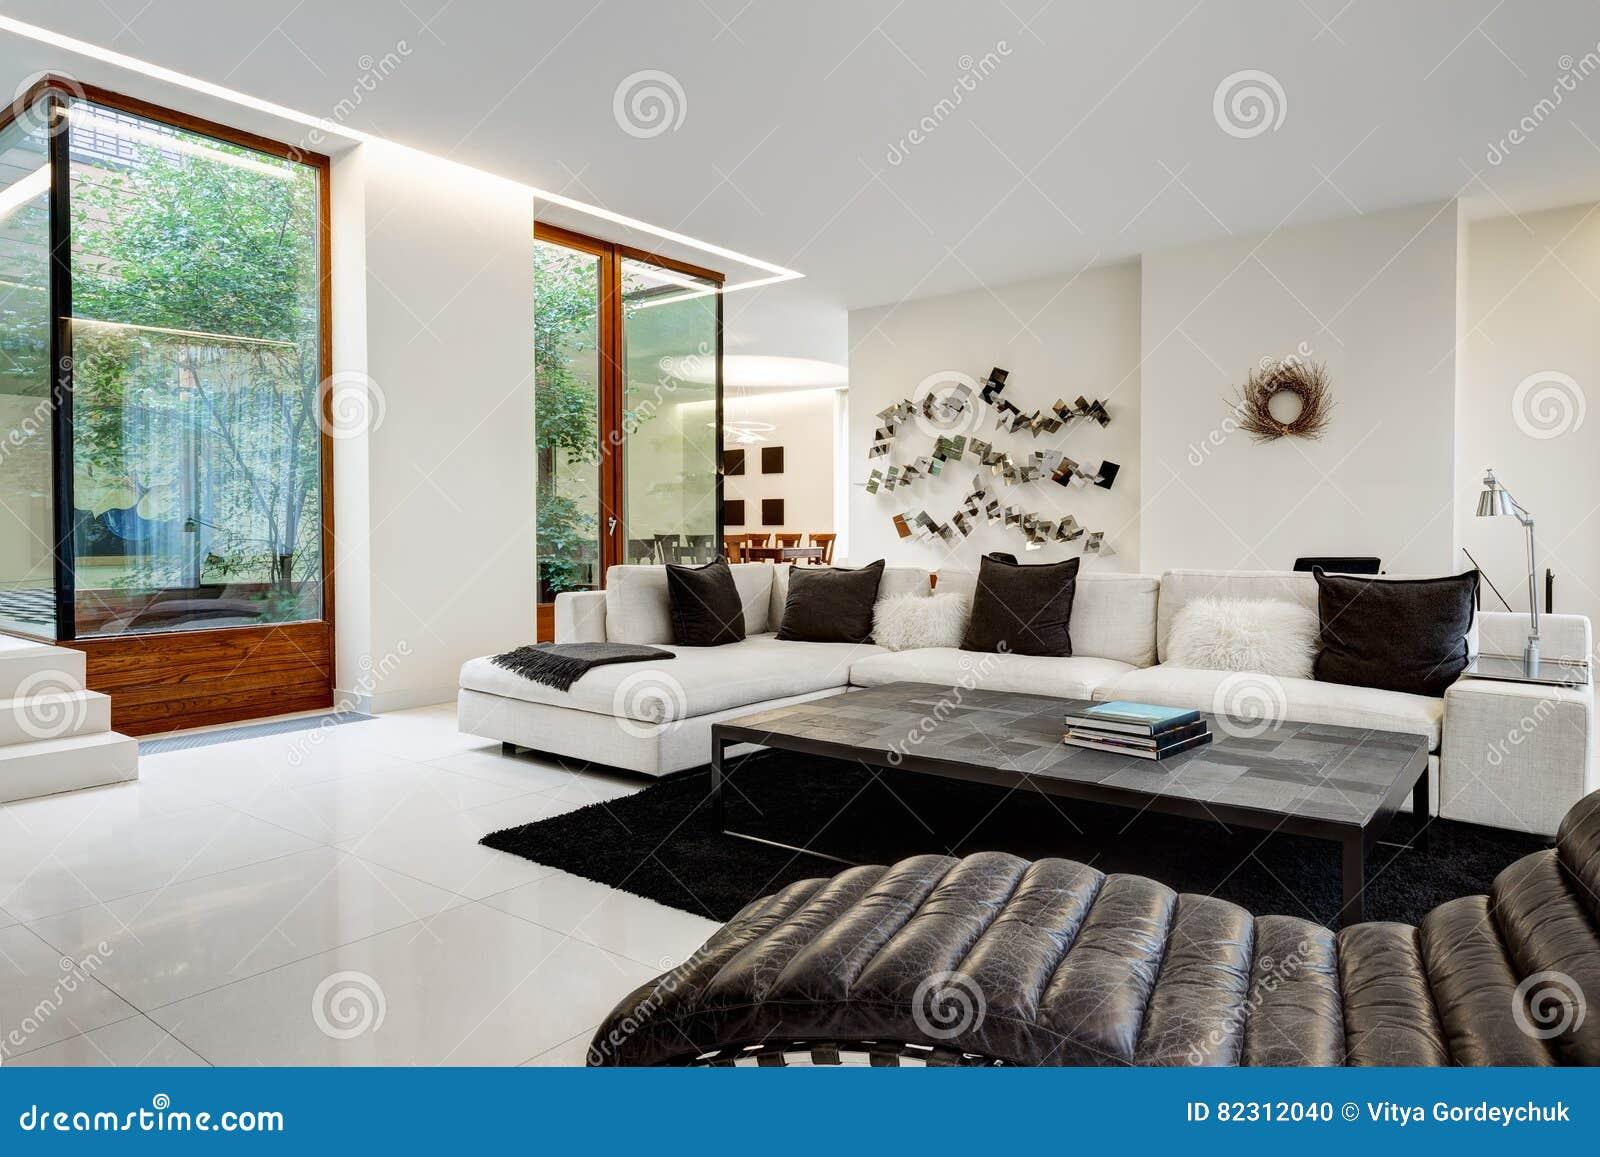 Super Großes Und Bequemes Wohnzimmer Mit Einem Weißen Sofa Stockfoto AB32